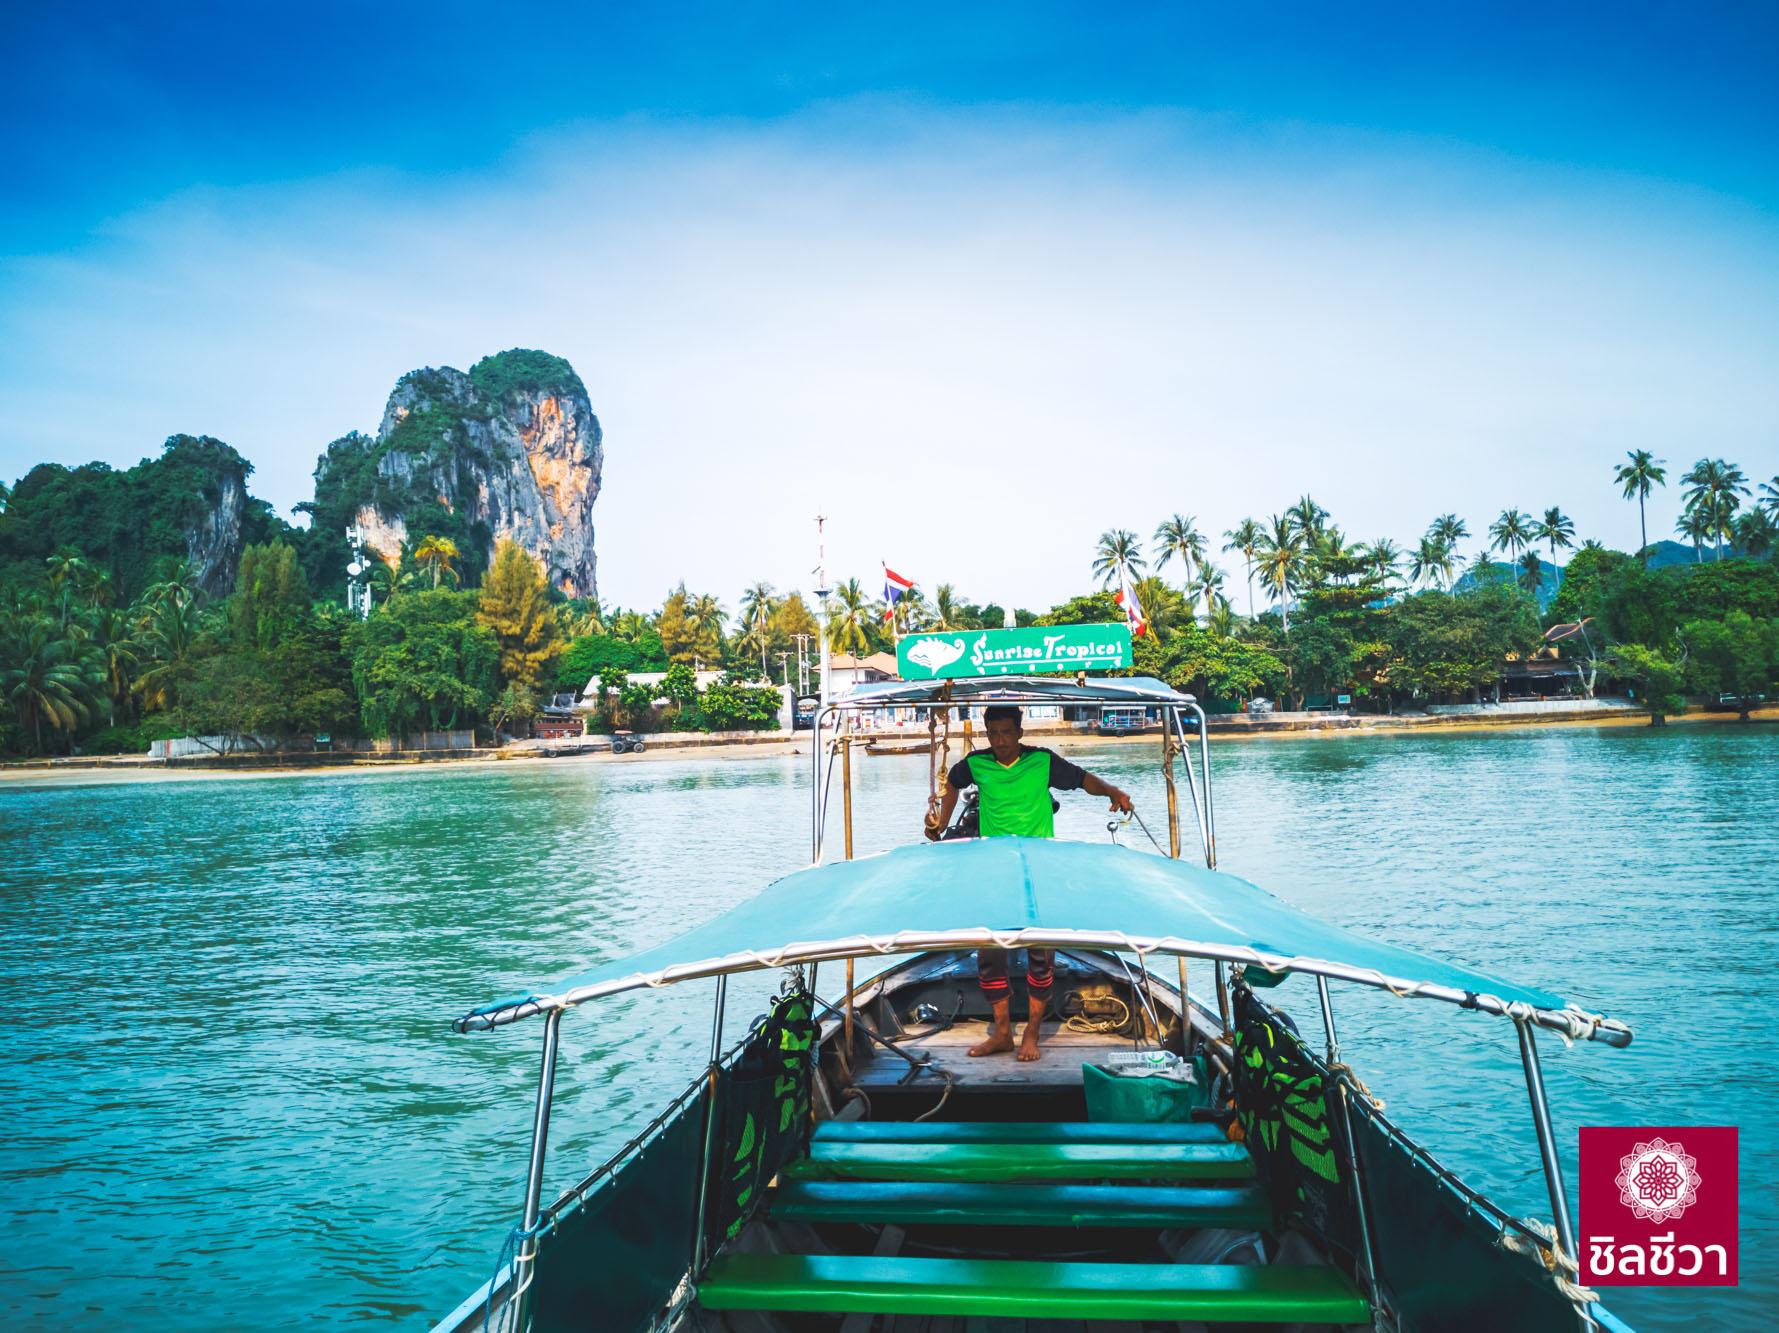 ซันไรท์ ทรอปิคอล รีสอร์ท (Sunrise Tropical Resort) ไร่เลย์ กระบี่  ซันไรท์ ทรอปิคอล รีสอร์ท รีสอร์ทงามๆ บนเกาะไร่เลย์ กระบี่ IMG 20181012 090824